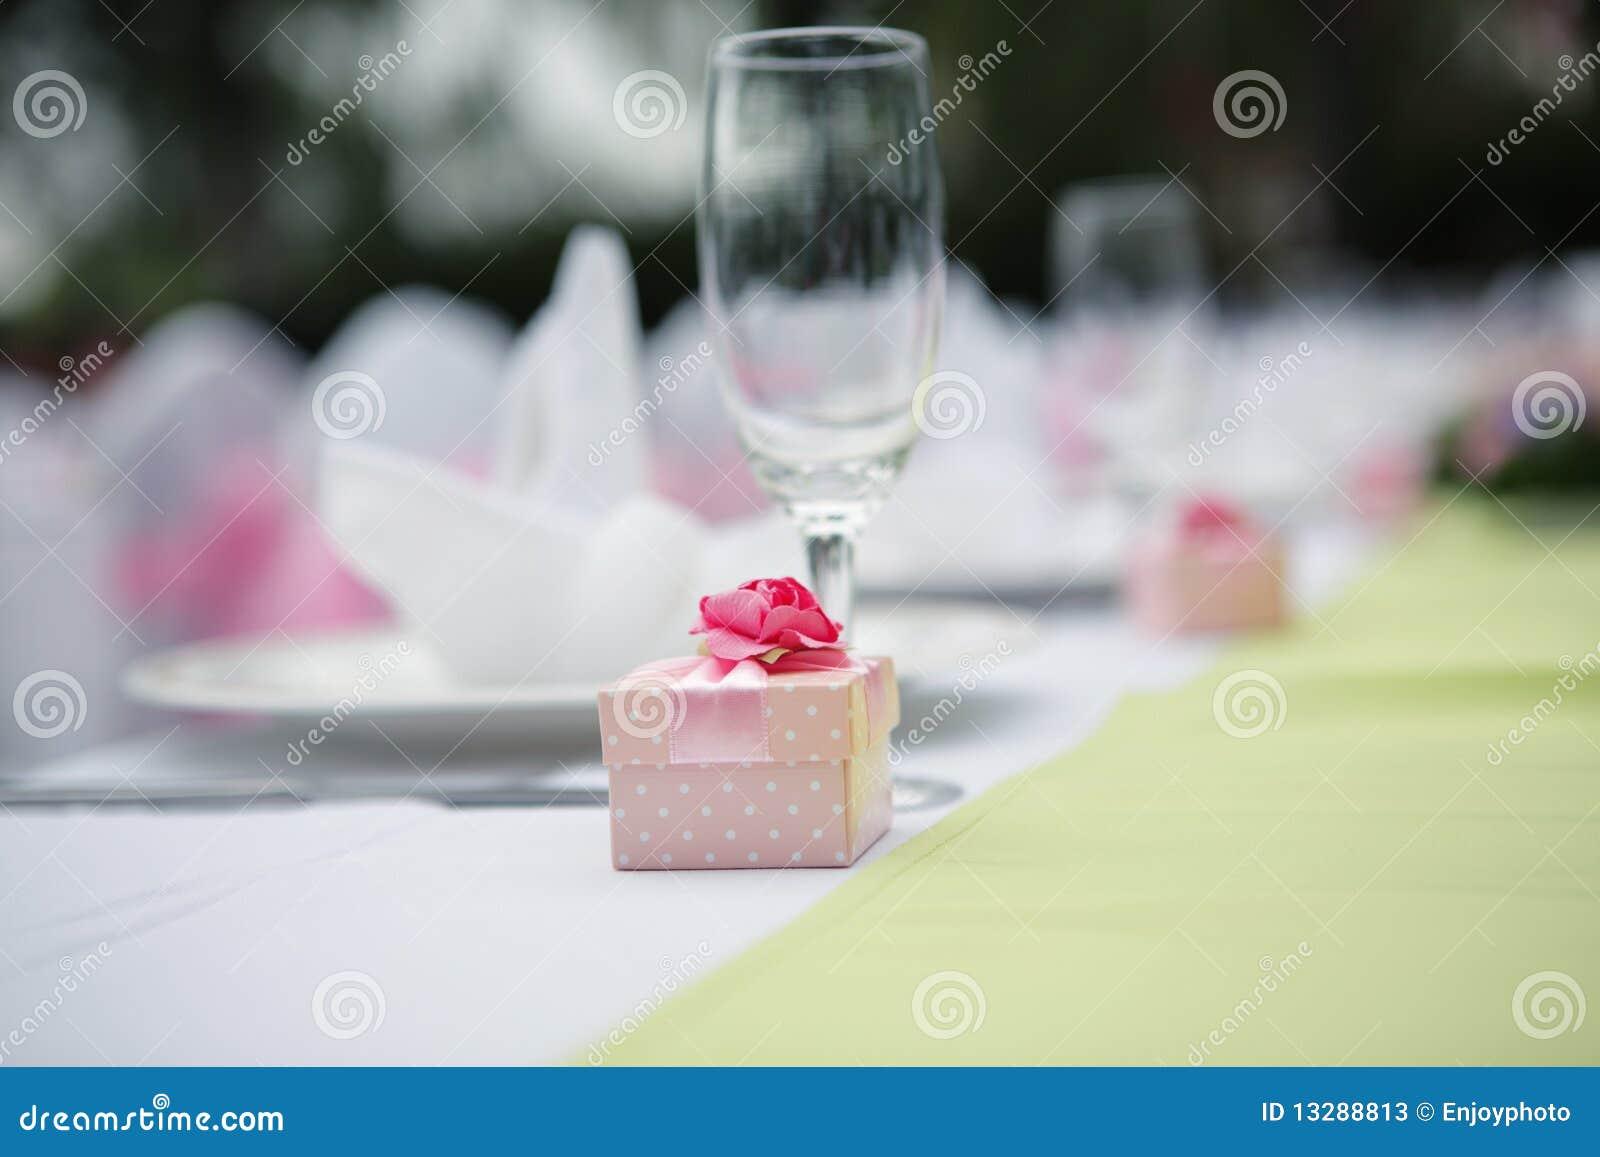 Cadre de faveur de mariage